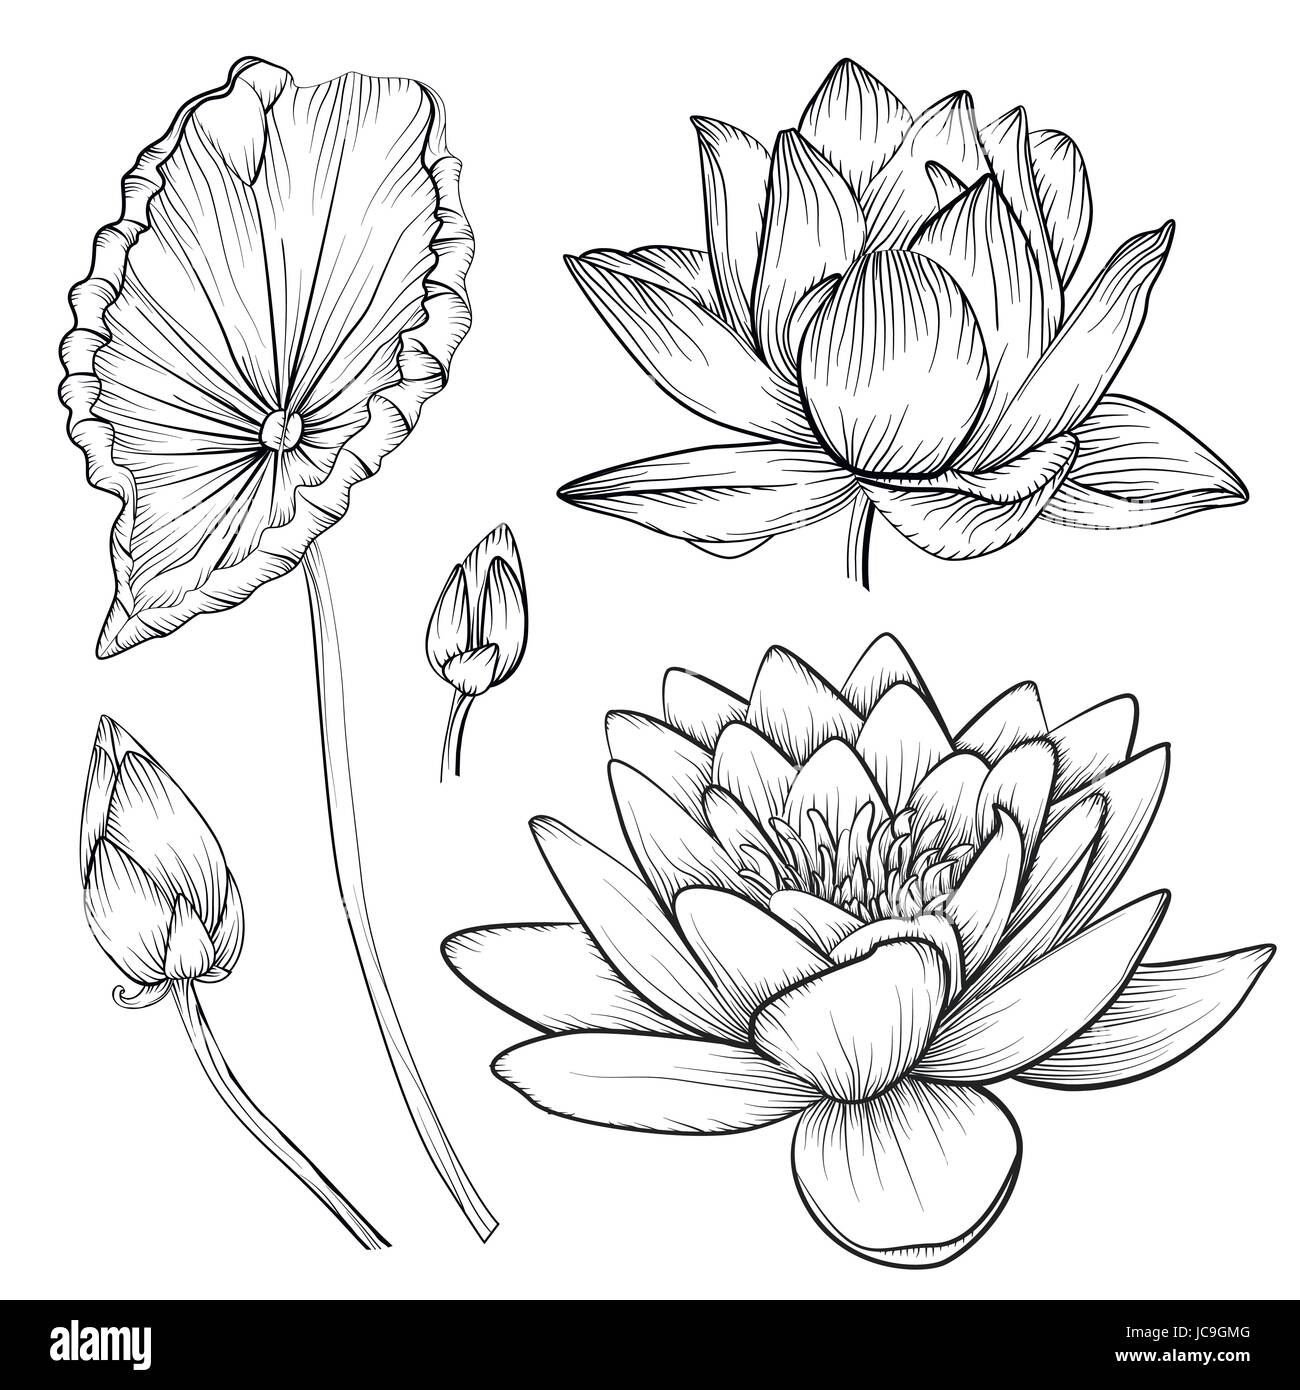 Vecteur Lotus Nenuphar Fleur Magnifique Boutons Jeu De Feuilles Ligne Noir Et Blanc L Art Du Tatouage L Illustration La Main Fine Fleur Plante Lineaire E Floral Image Vectorielle Stock Alamy